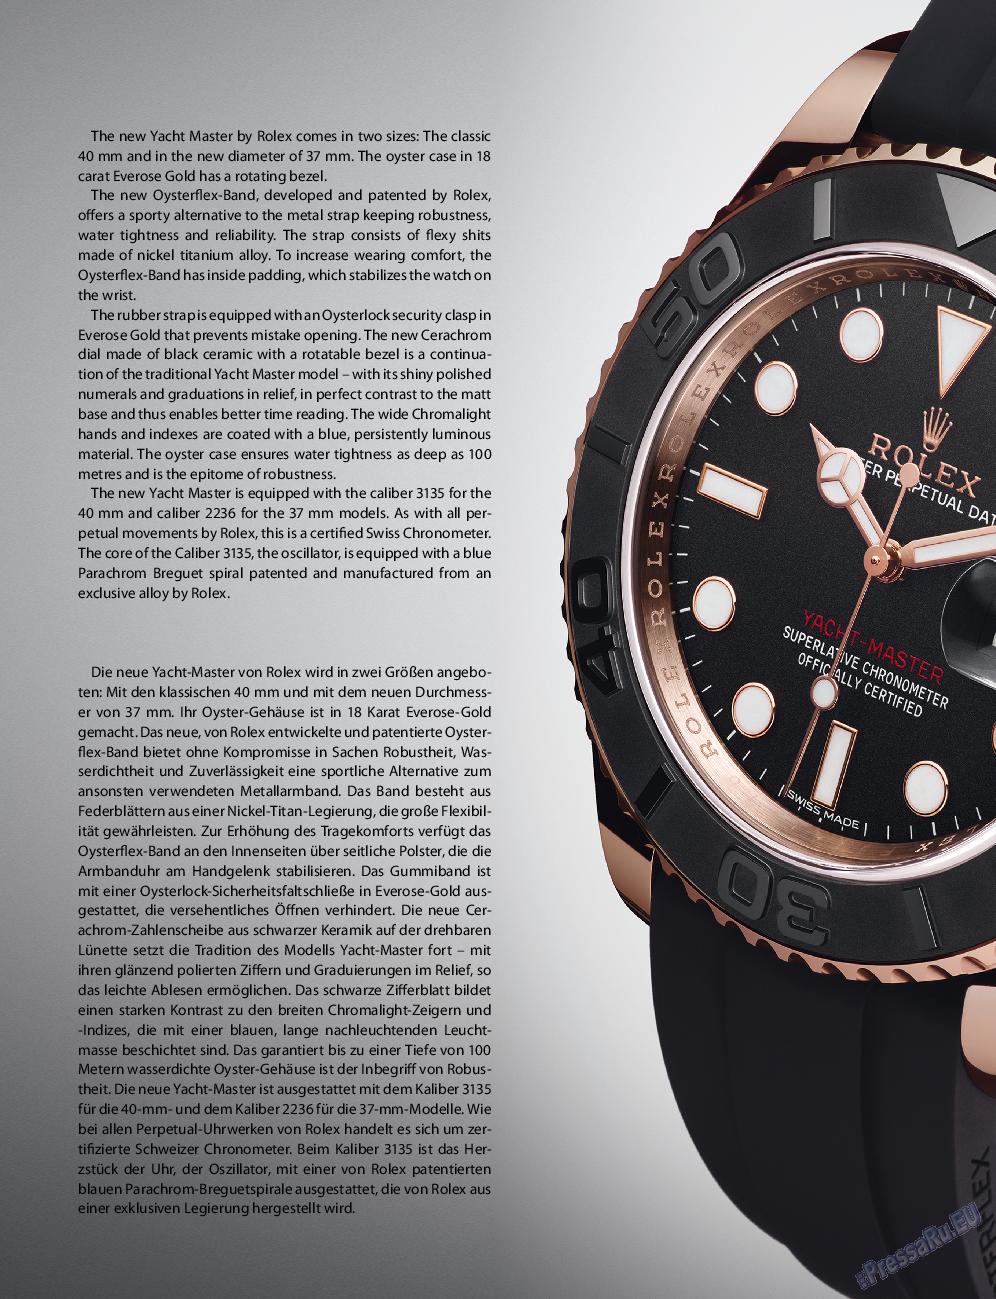 Клан (журнал). 2015 год, номер 9, стр. 142